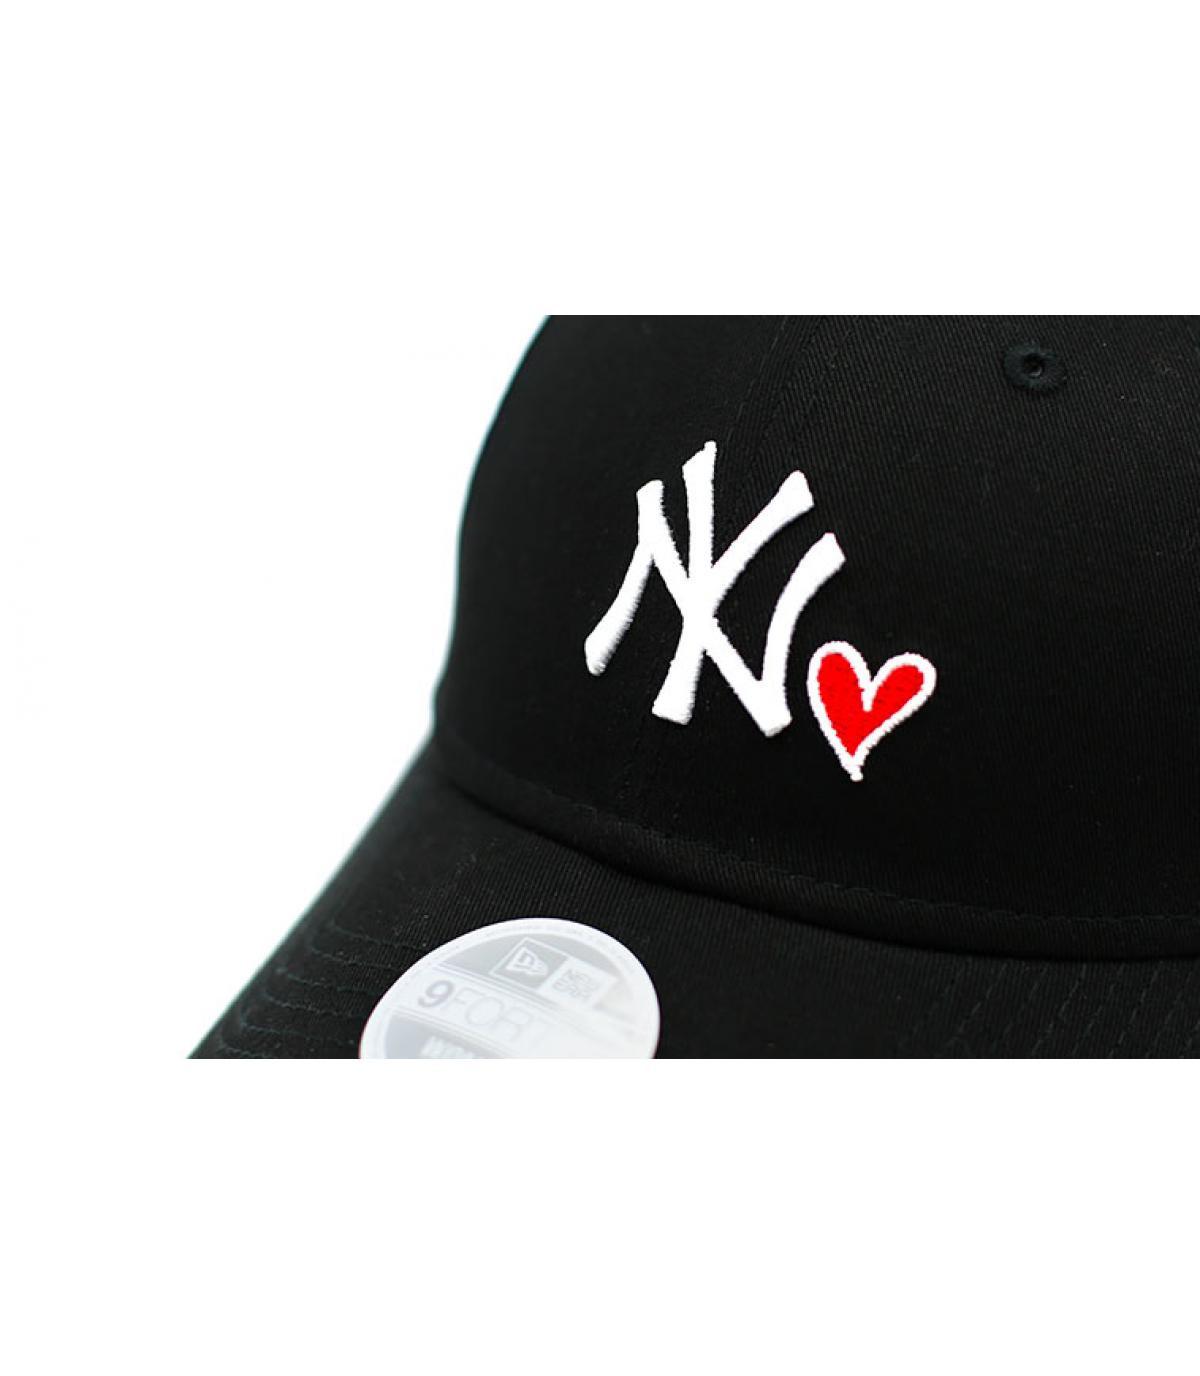 Dettagli Casquette Wmns Heart NY 940 black - image 3